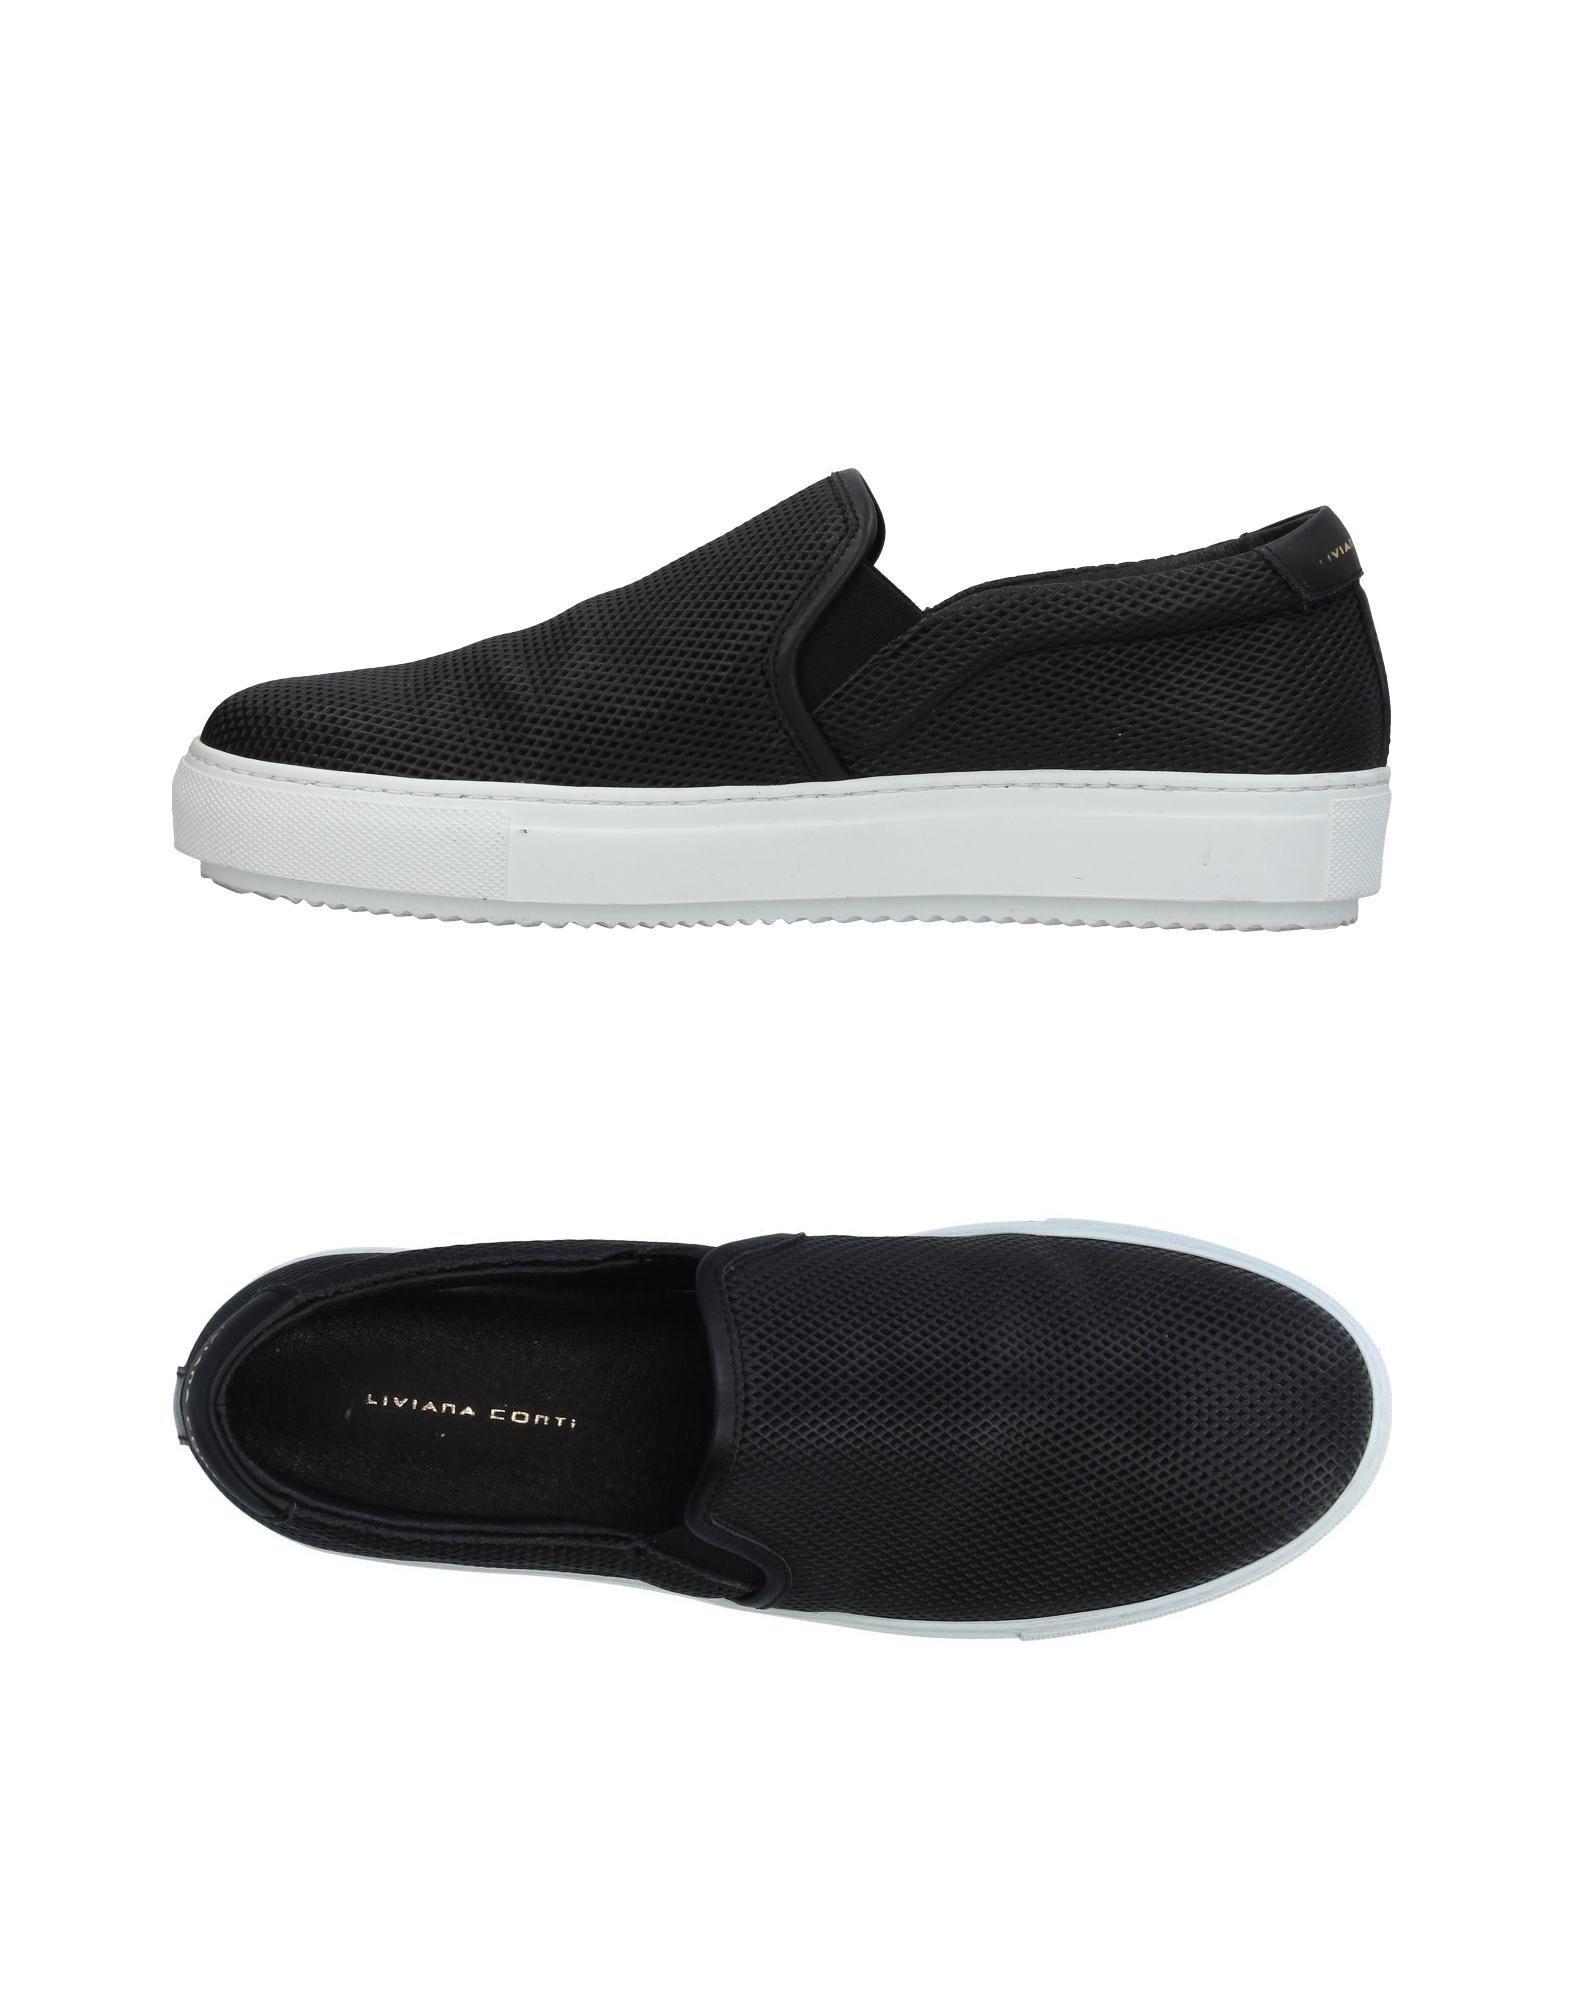 Liviana Conti Damen Sneakers Damen Conti  11365711EV Neue Schuhe 1a8462